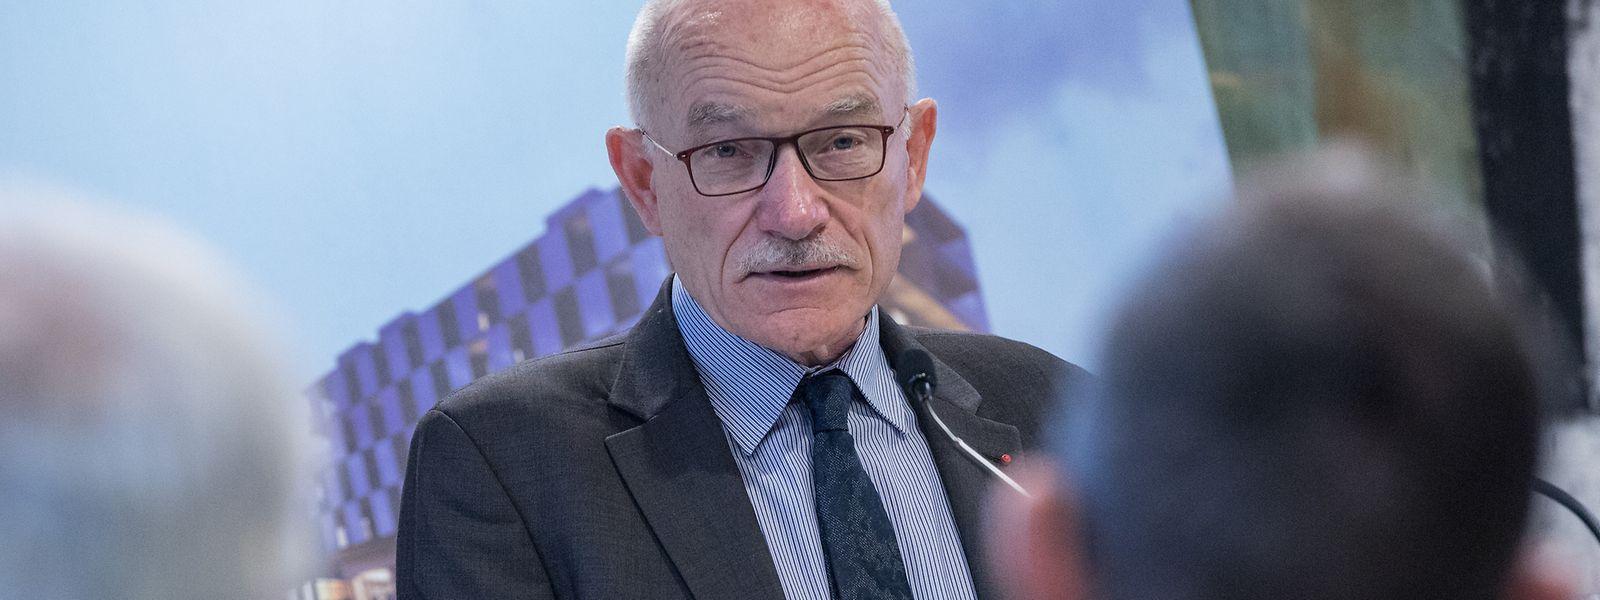 Maire de Metz depuis 2008, Dominique Gros cédera son fauteuil en mars prochain.